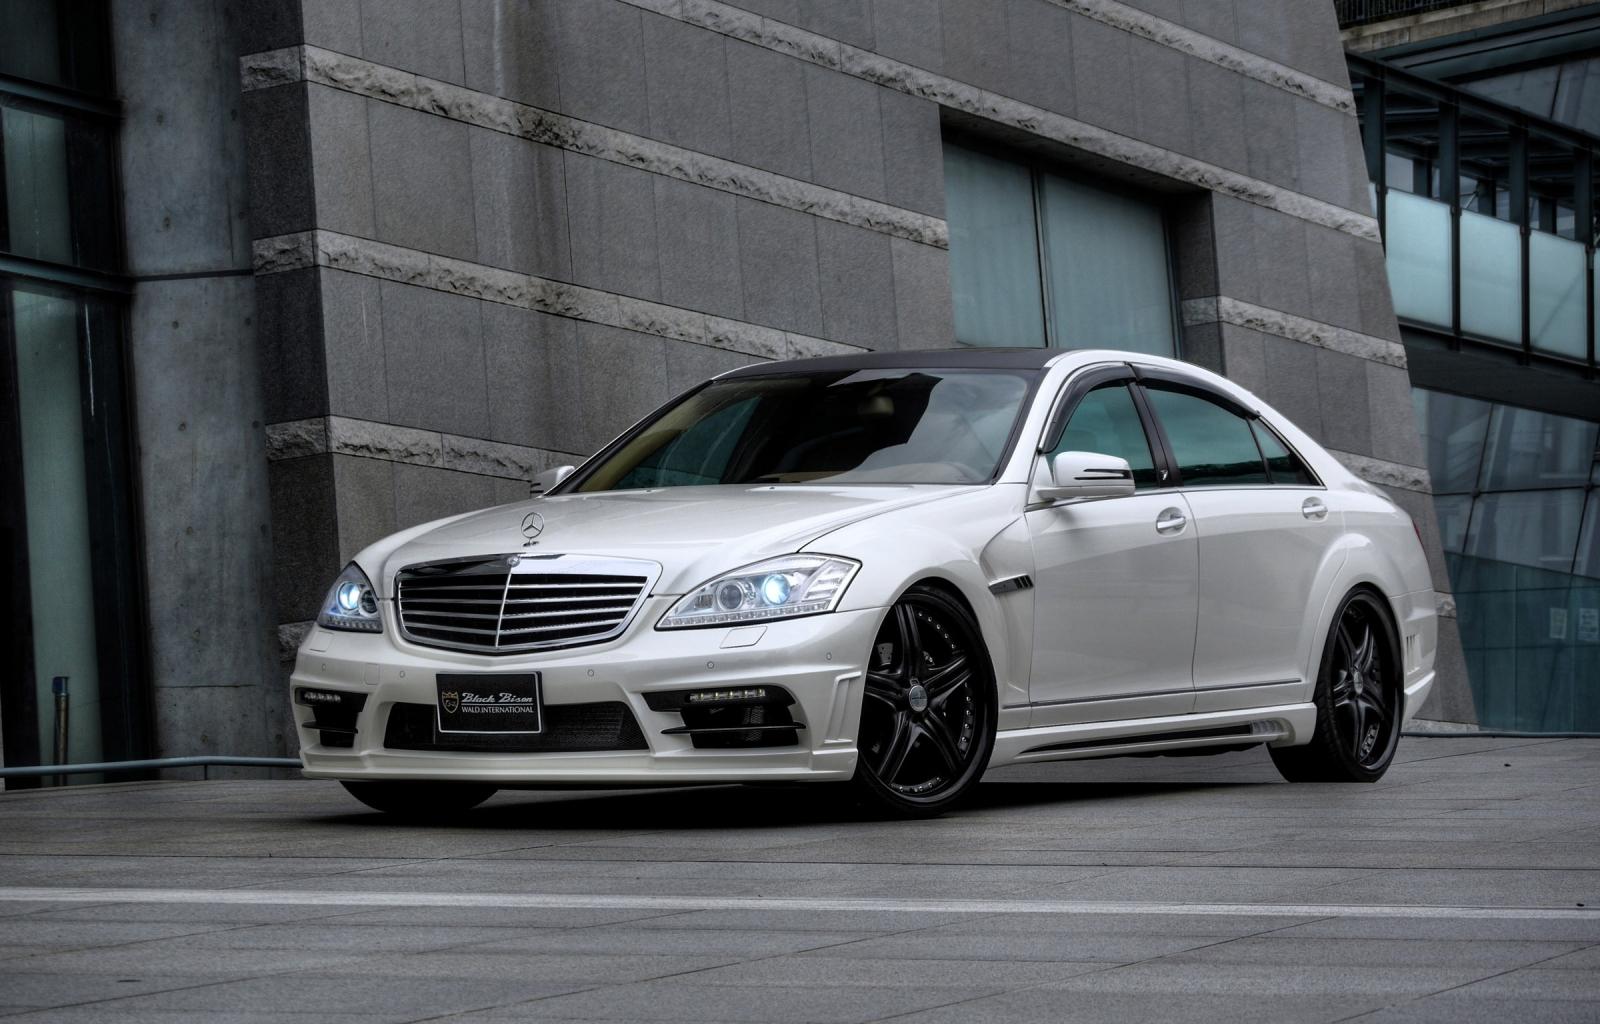 38082 скачать обои Транспорт, Машины, Мерседес (Mercedes) - заставки и картинки бесплатно